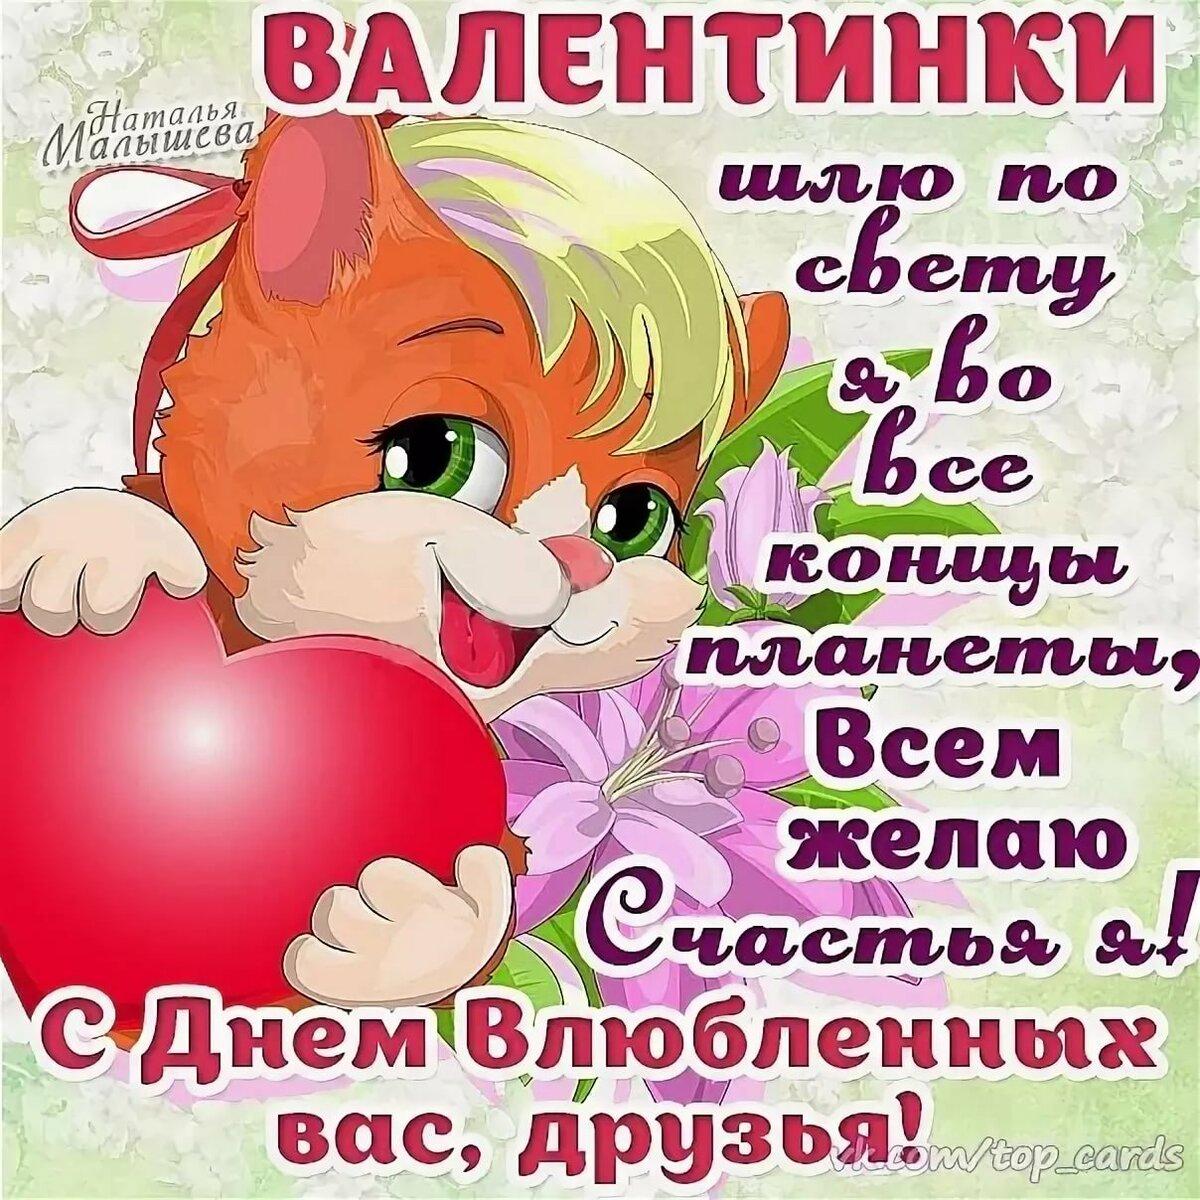 Чистого сердца, поздравление с днем влюбленных друзей картинки